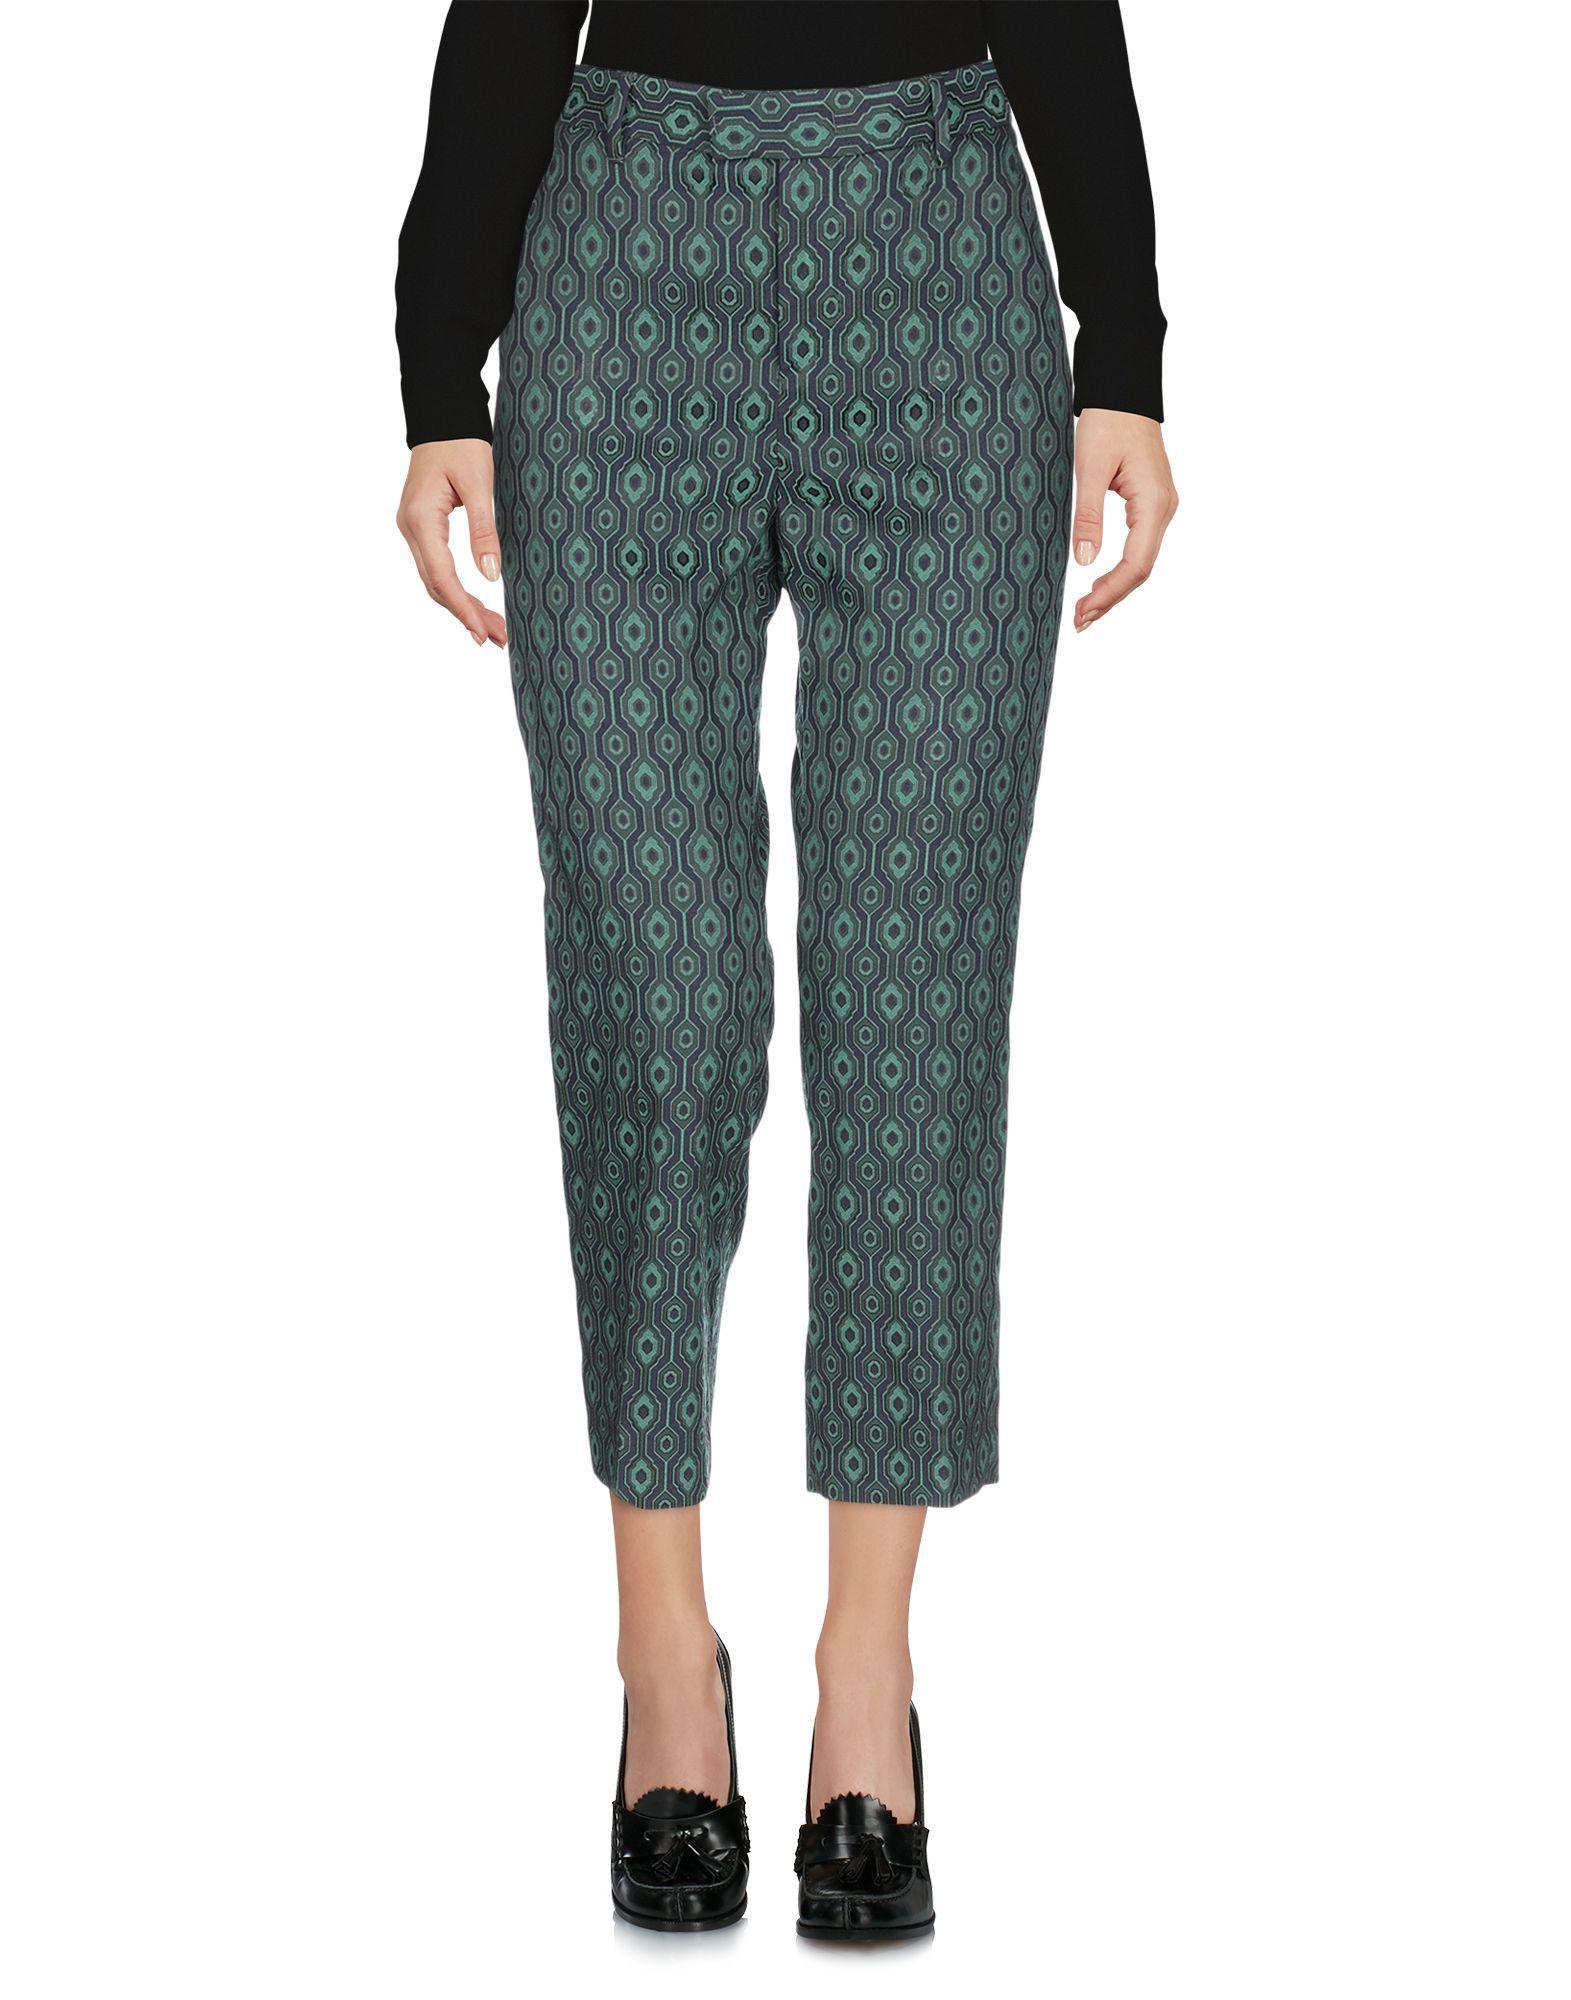 Pantalones piratas PT Torino de Tejido sintético de color Verde